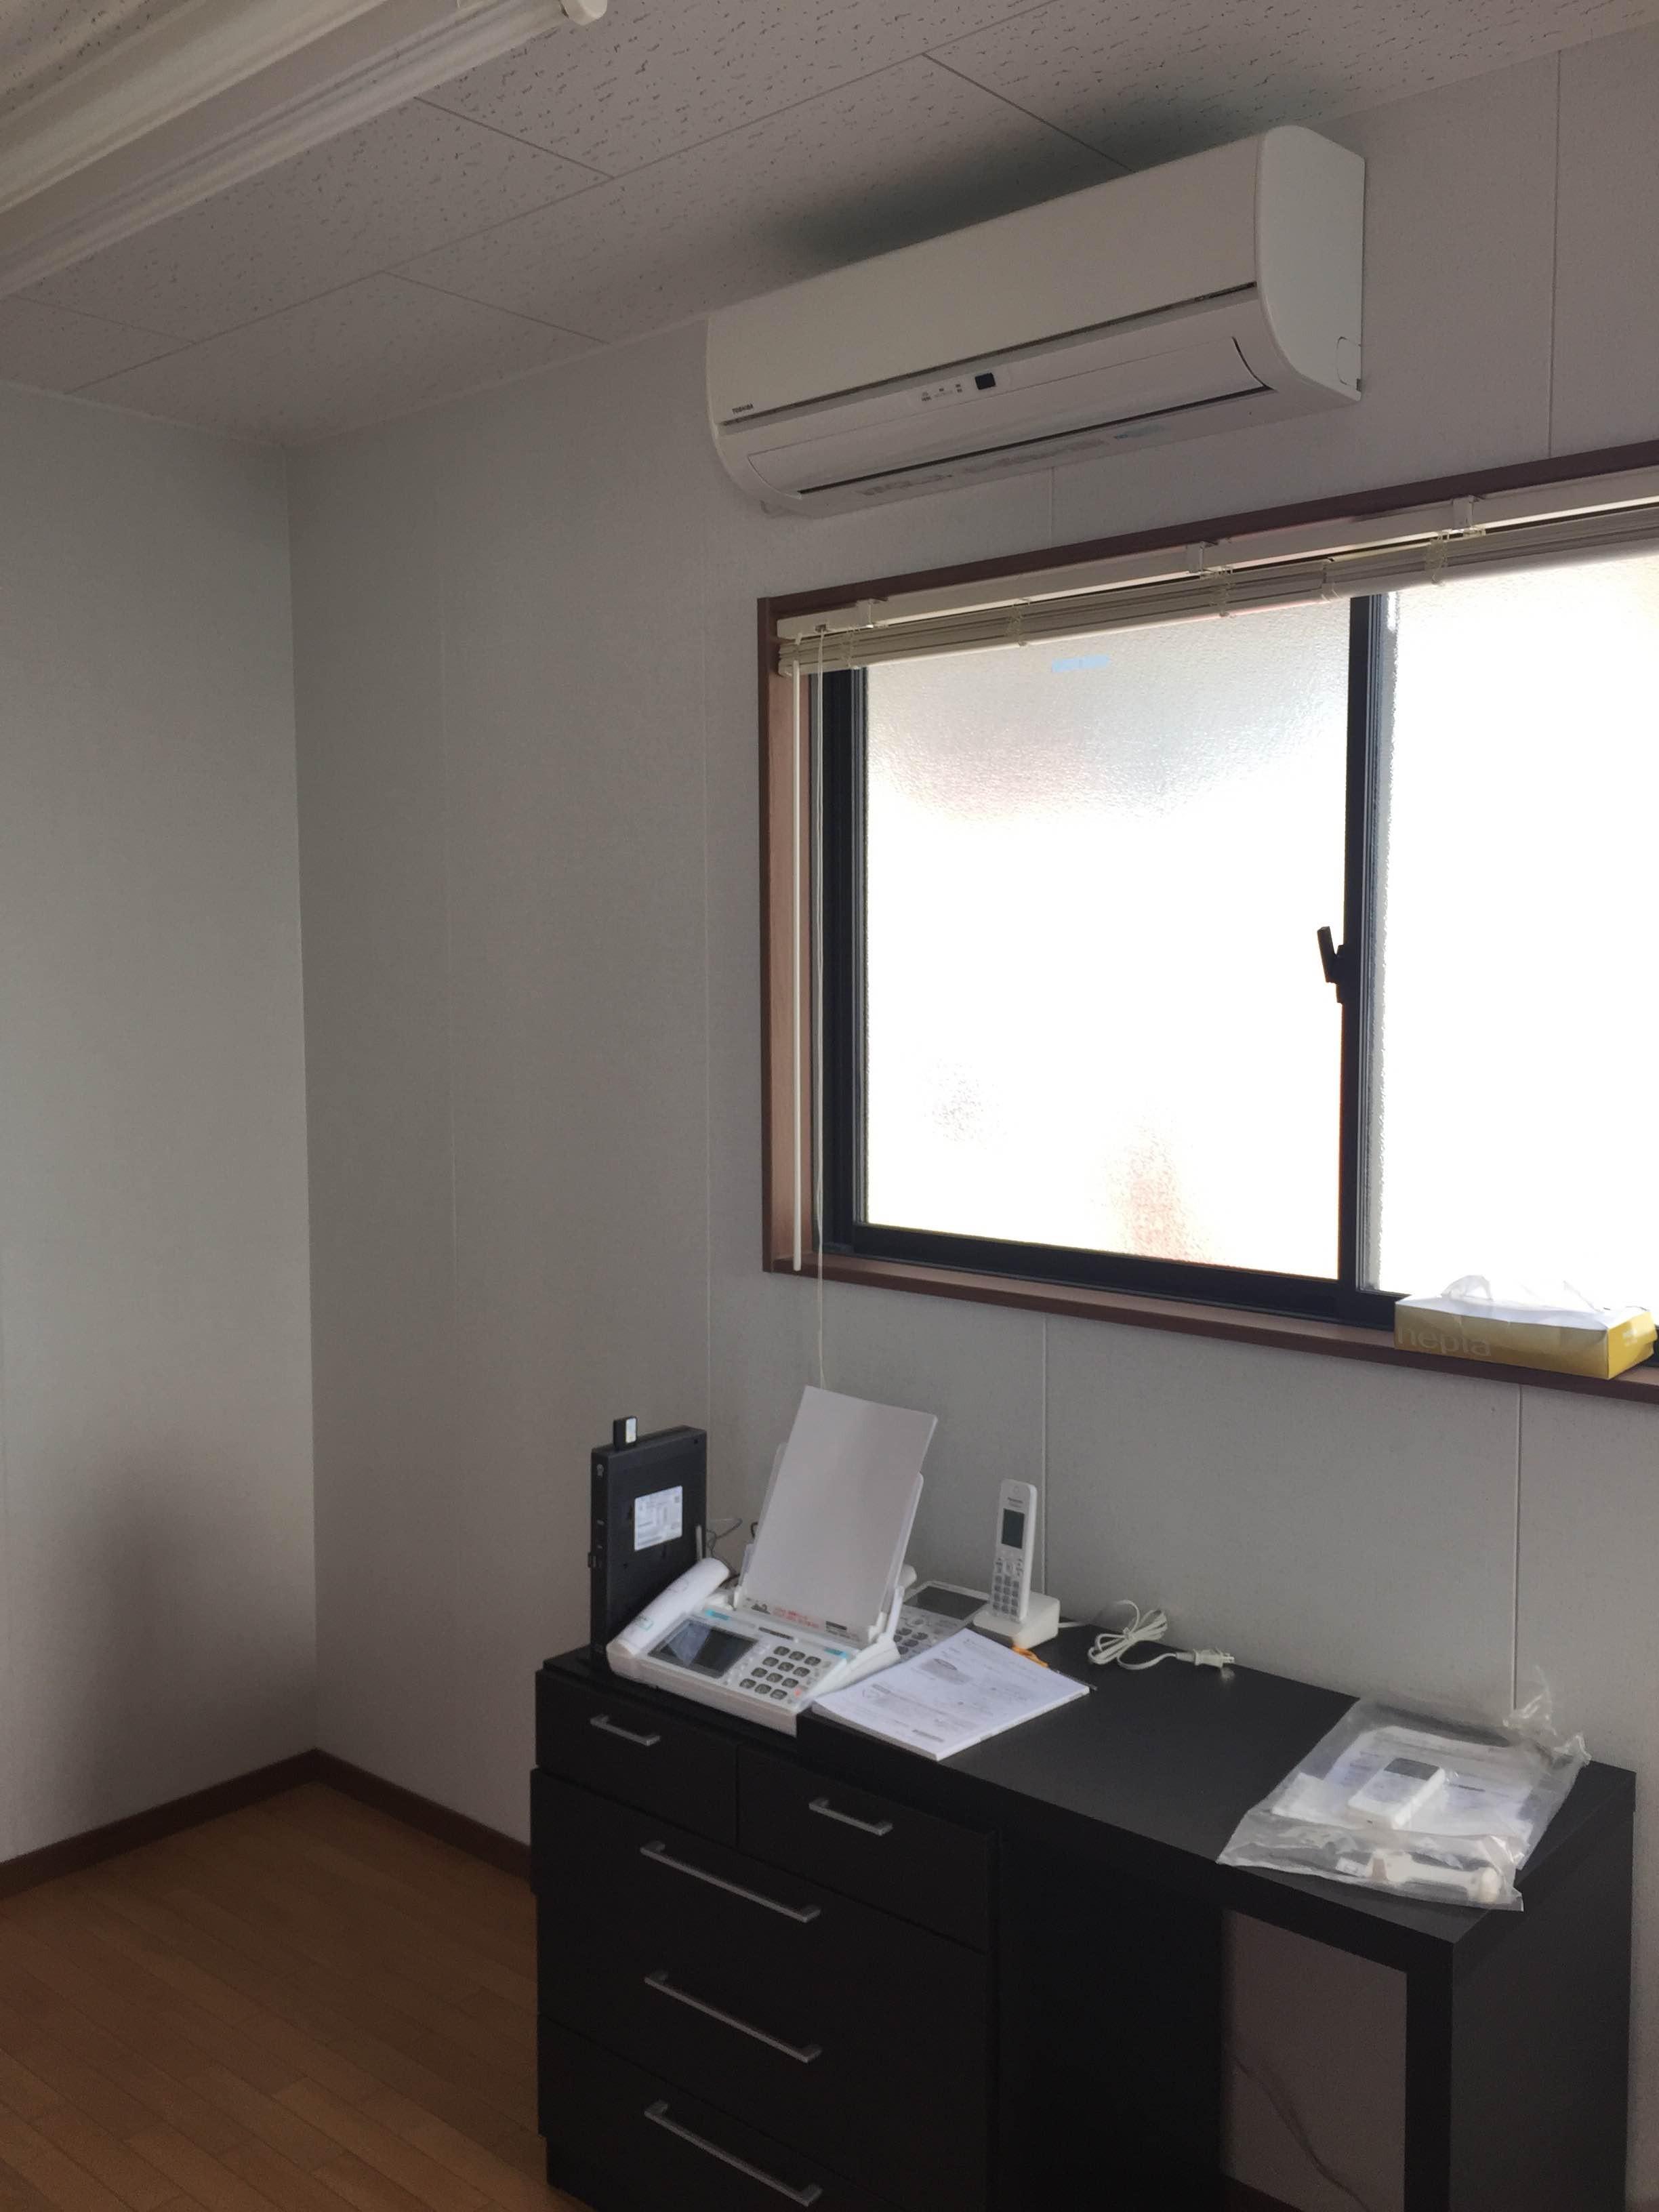 愛知県稲沢市 | 業務用エアコン工事 | 27年10月11日